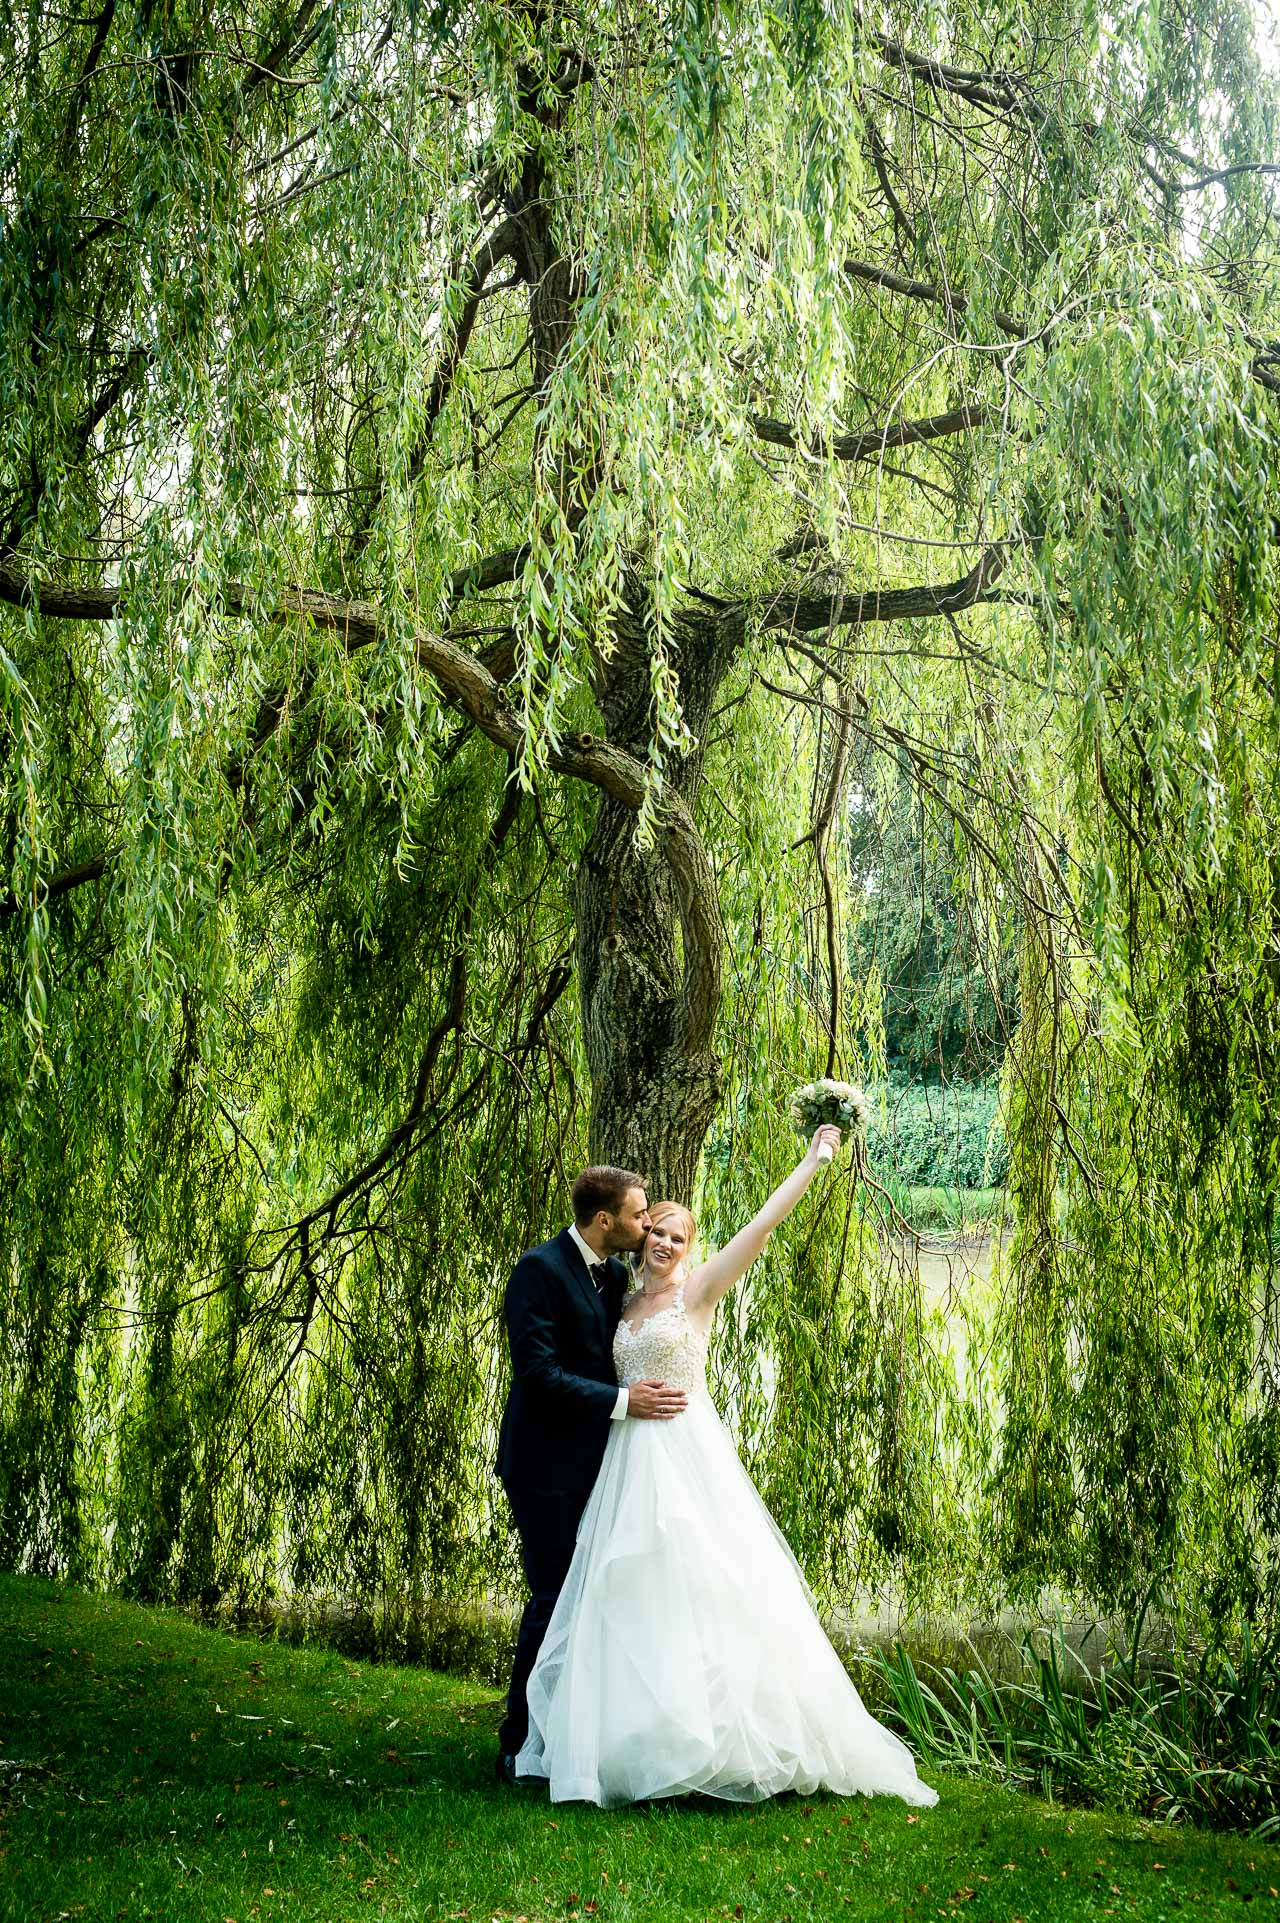 At hjælpe dig med at gøre din bryllupsdag til noget helt særligt. Vi viser dig de nyeste bryllupstrends